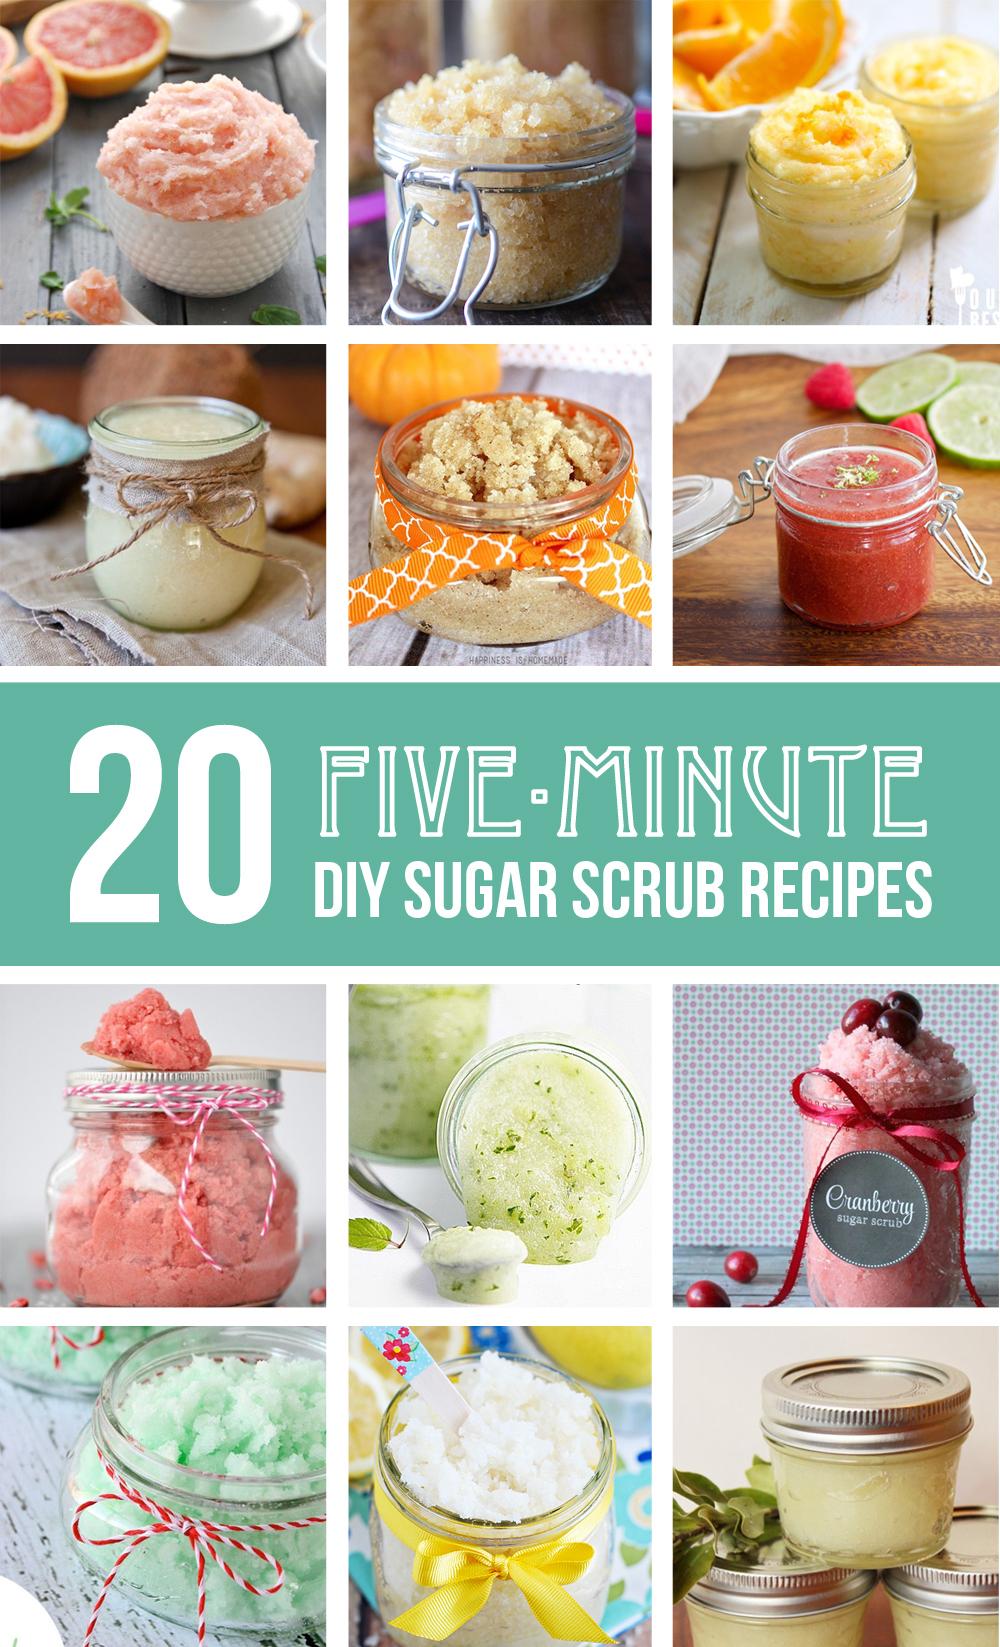 20 five-minute DIY Sugar Scrub Recipes